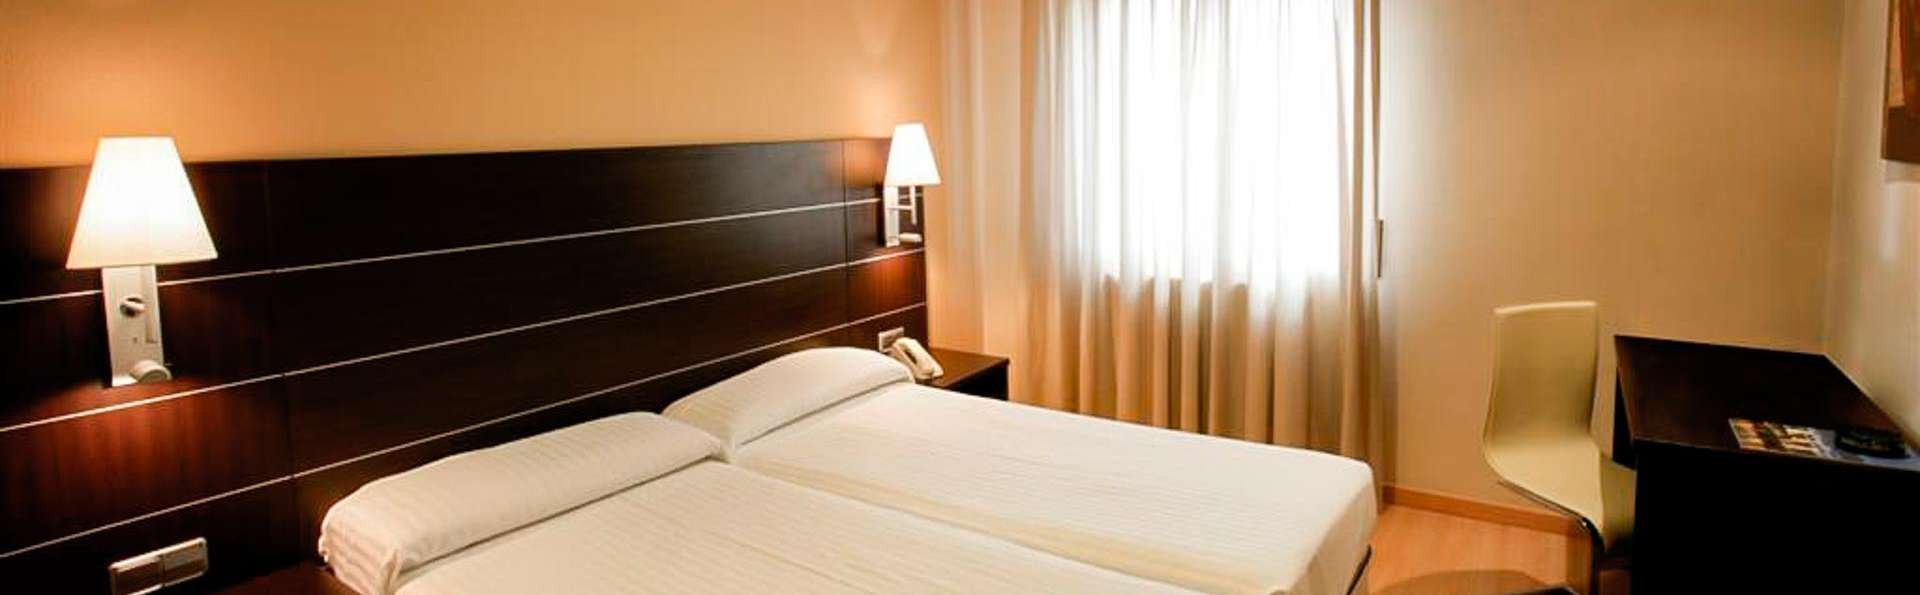 Hotel Las Ventas - EDIT_ROOM_01.jpg